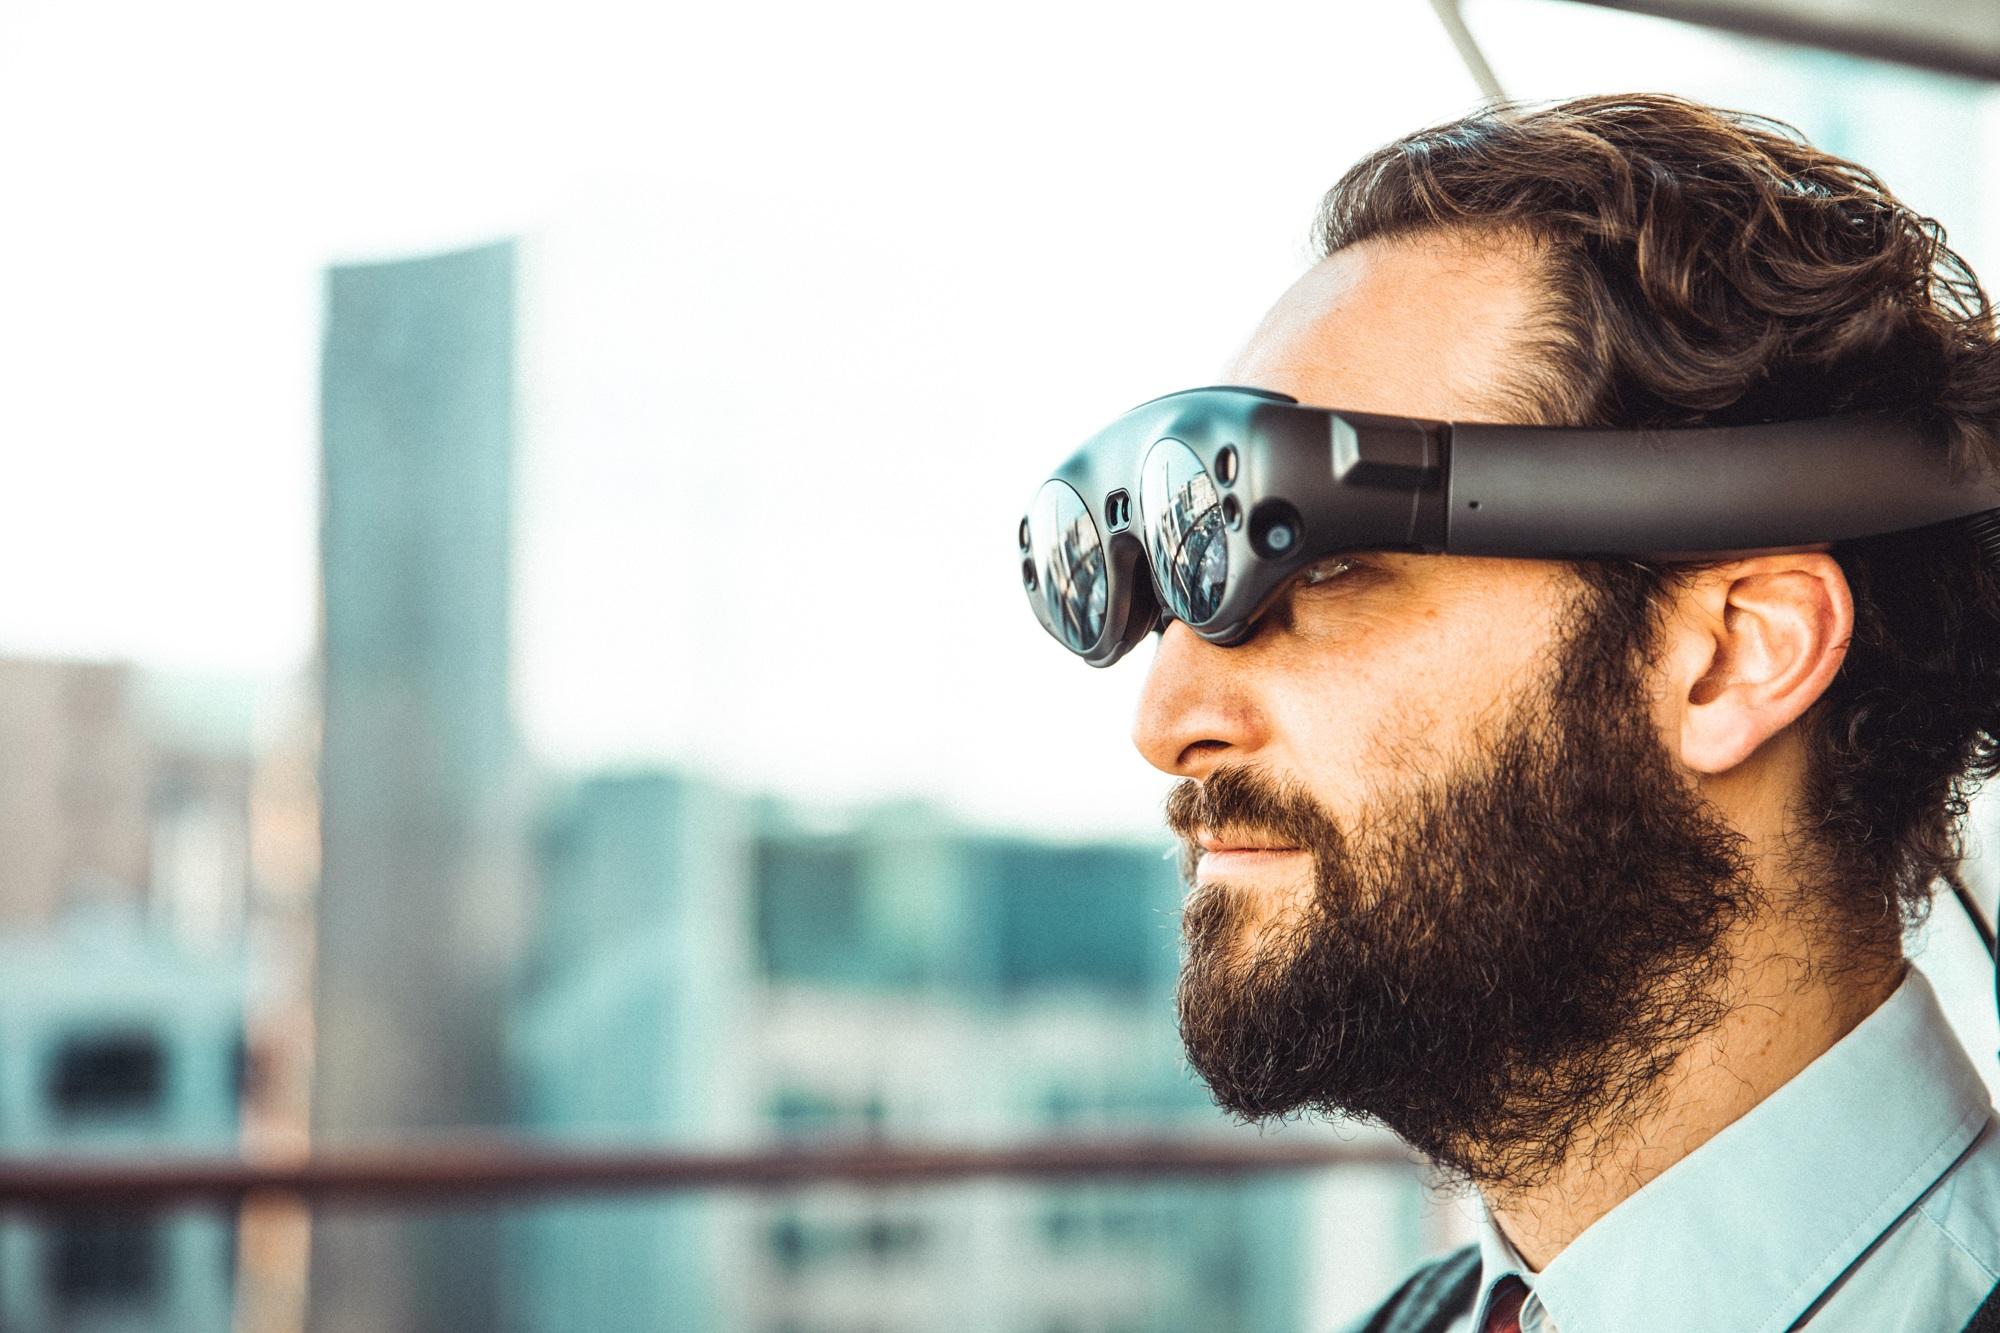 Unas gafas para poder ver realidad aumentada